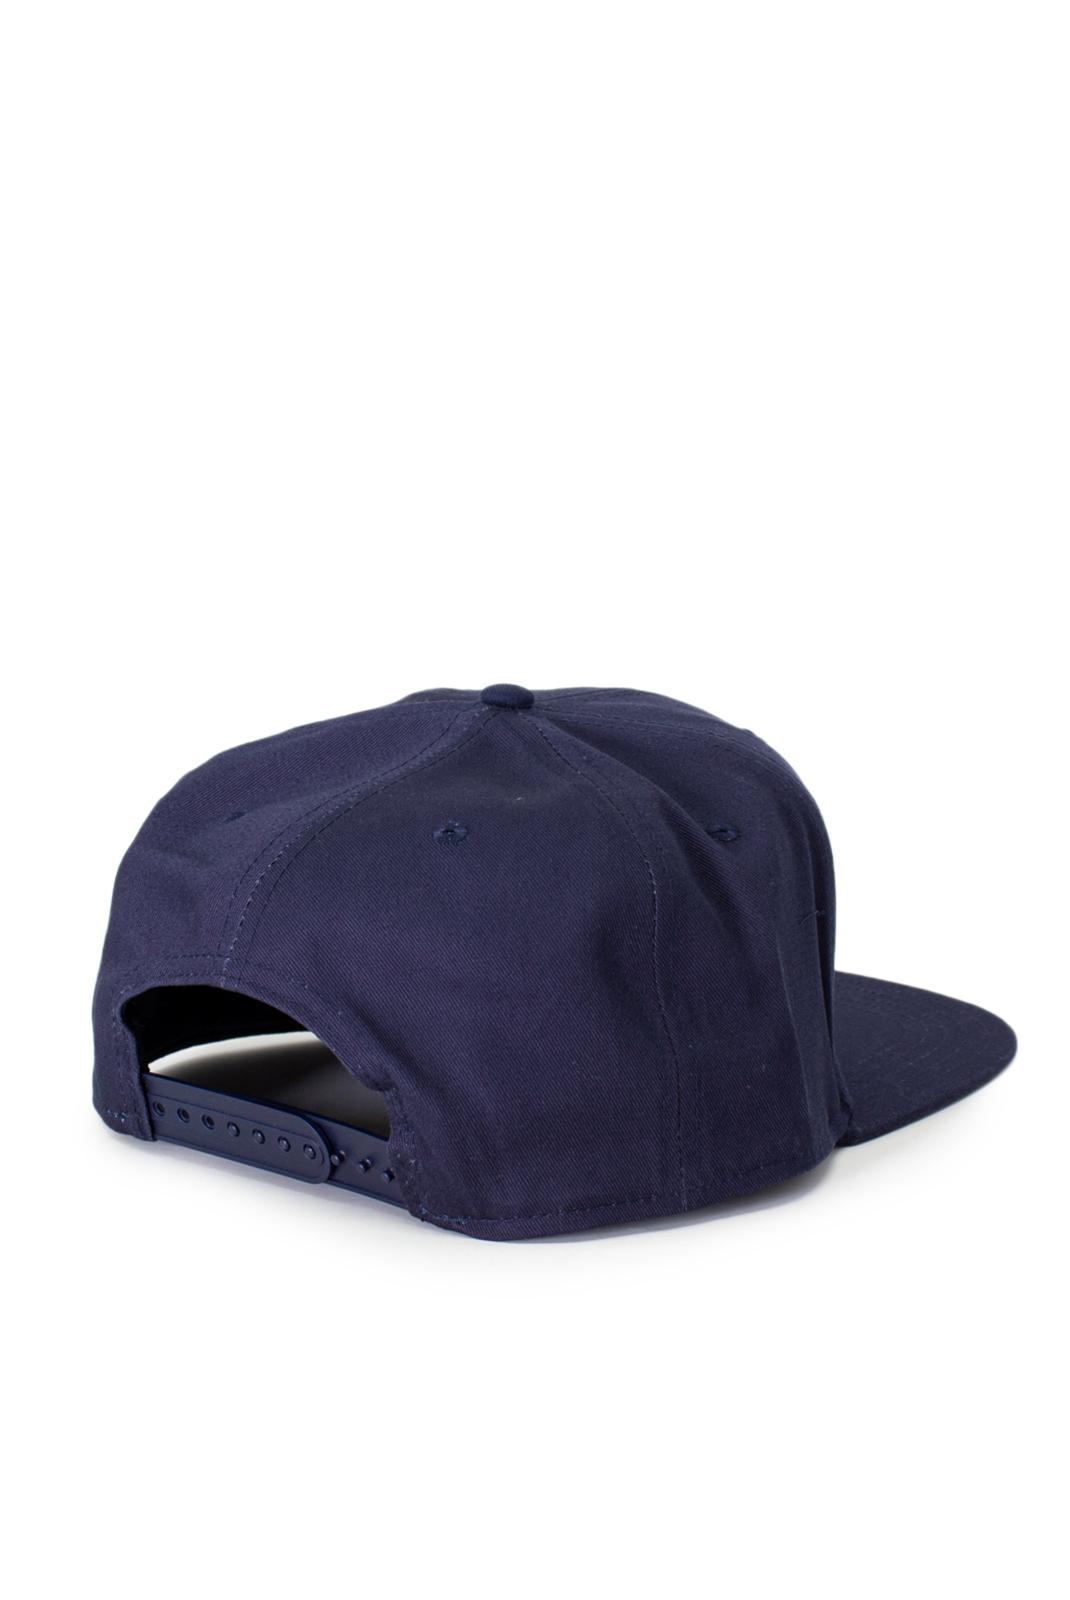 Bonnets / Casquettes  Fila 686024 170 Black iris